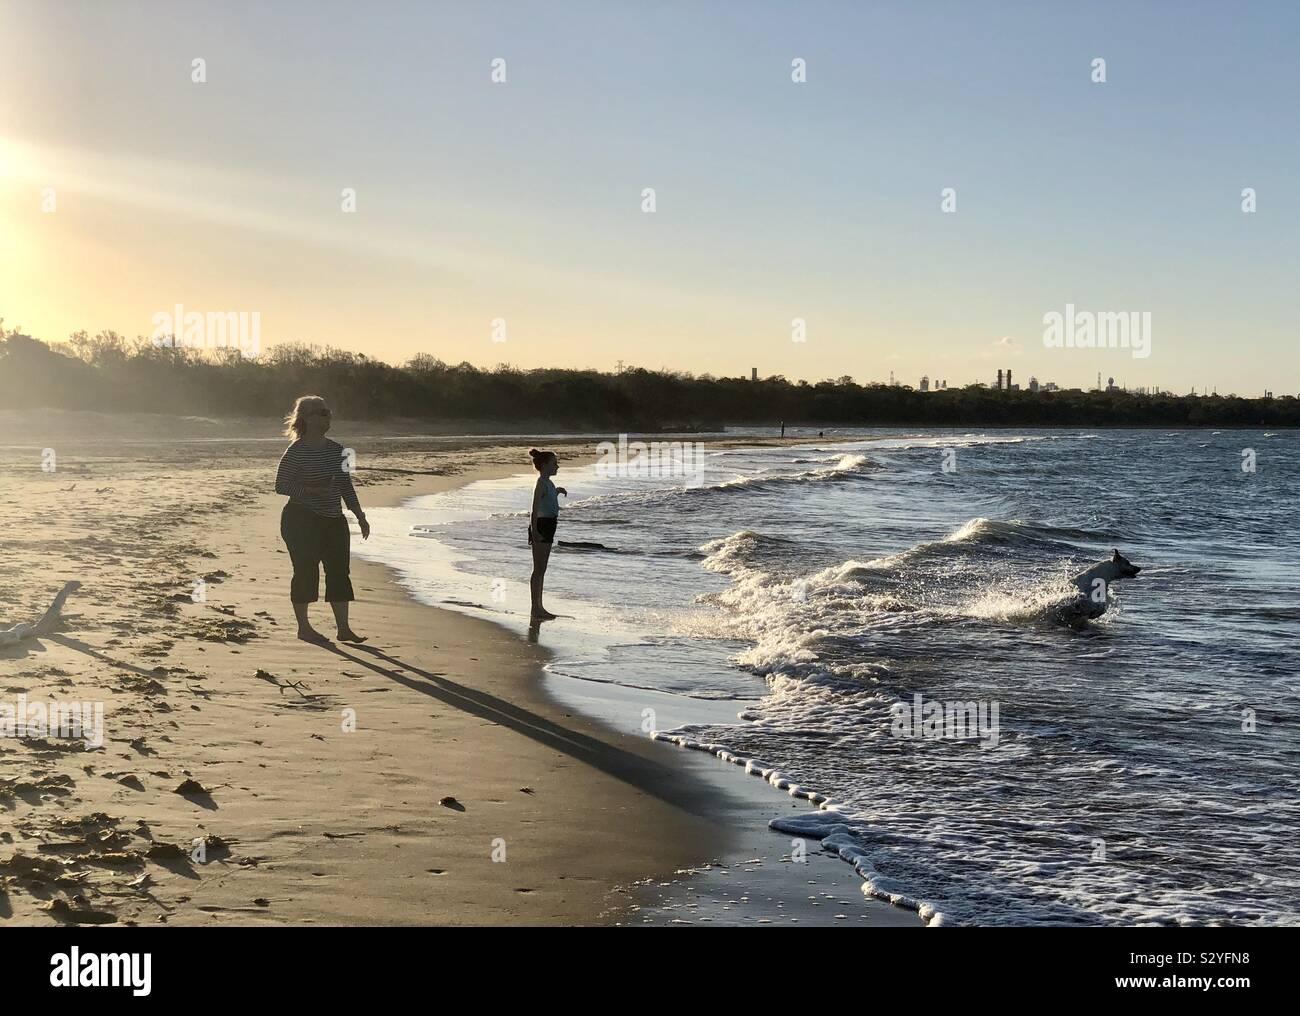 La diversión en la playa al atardecer. Foto de stock